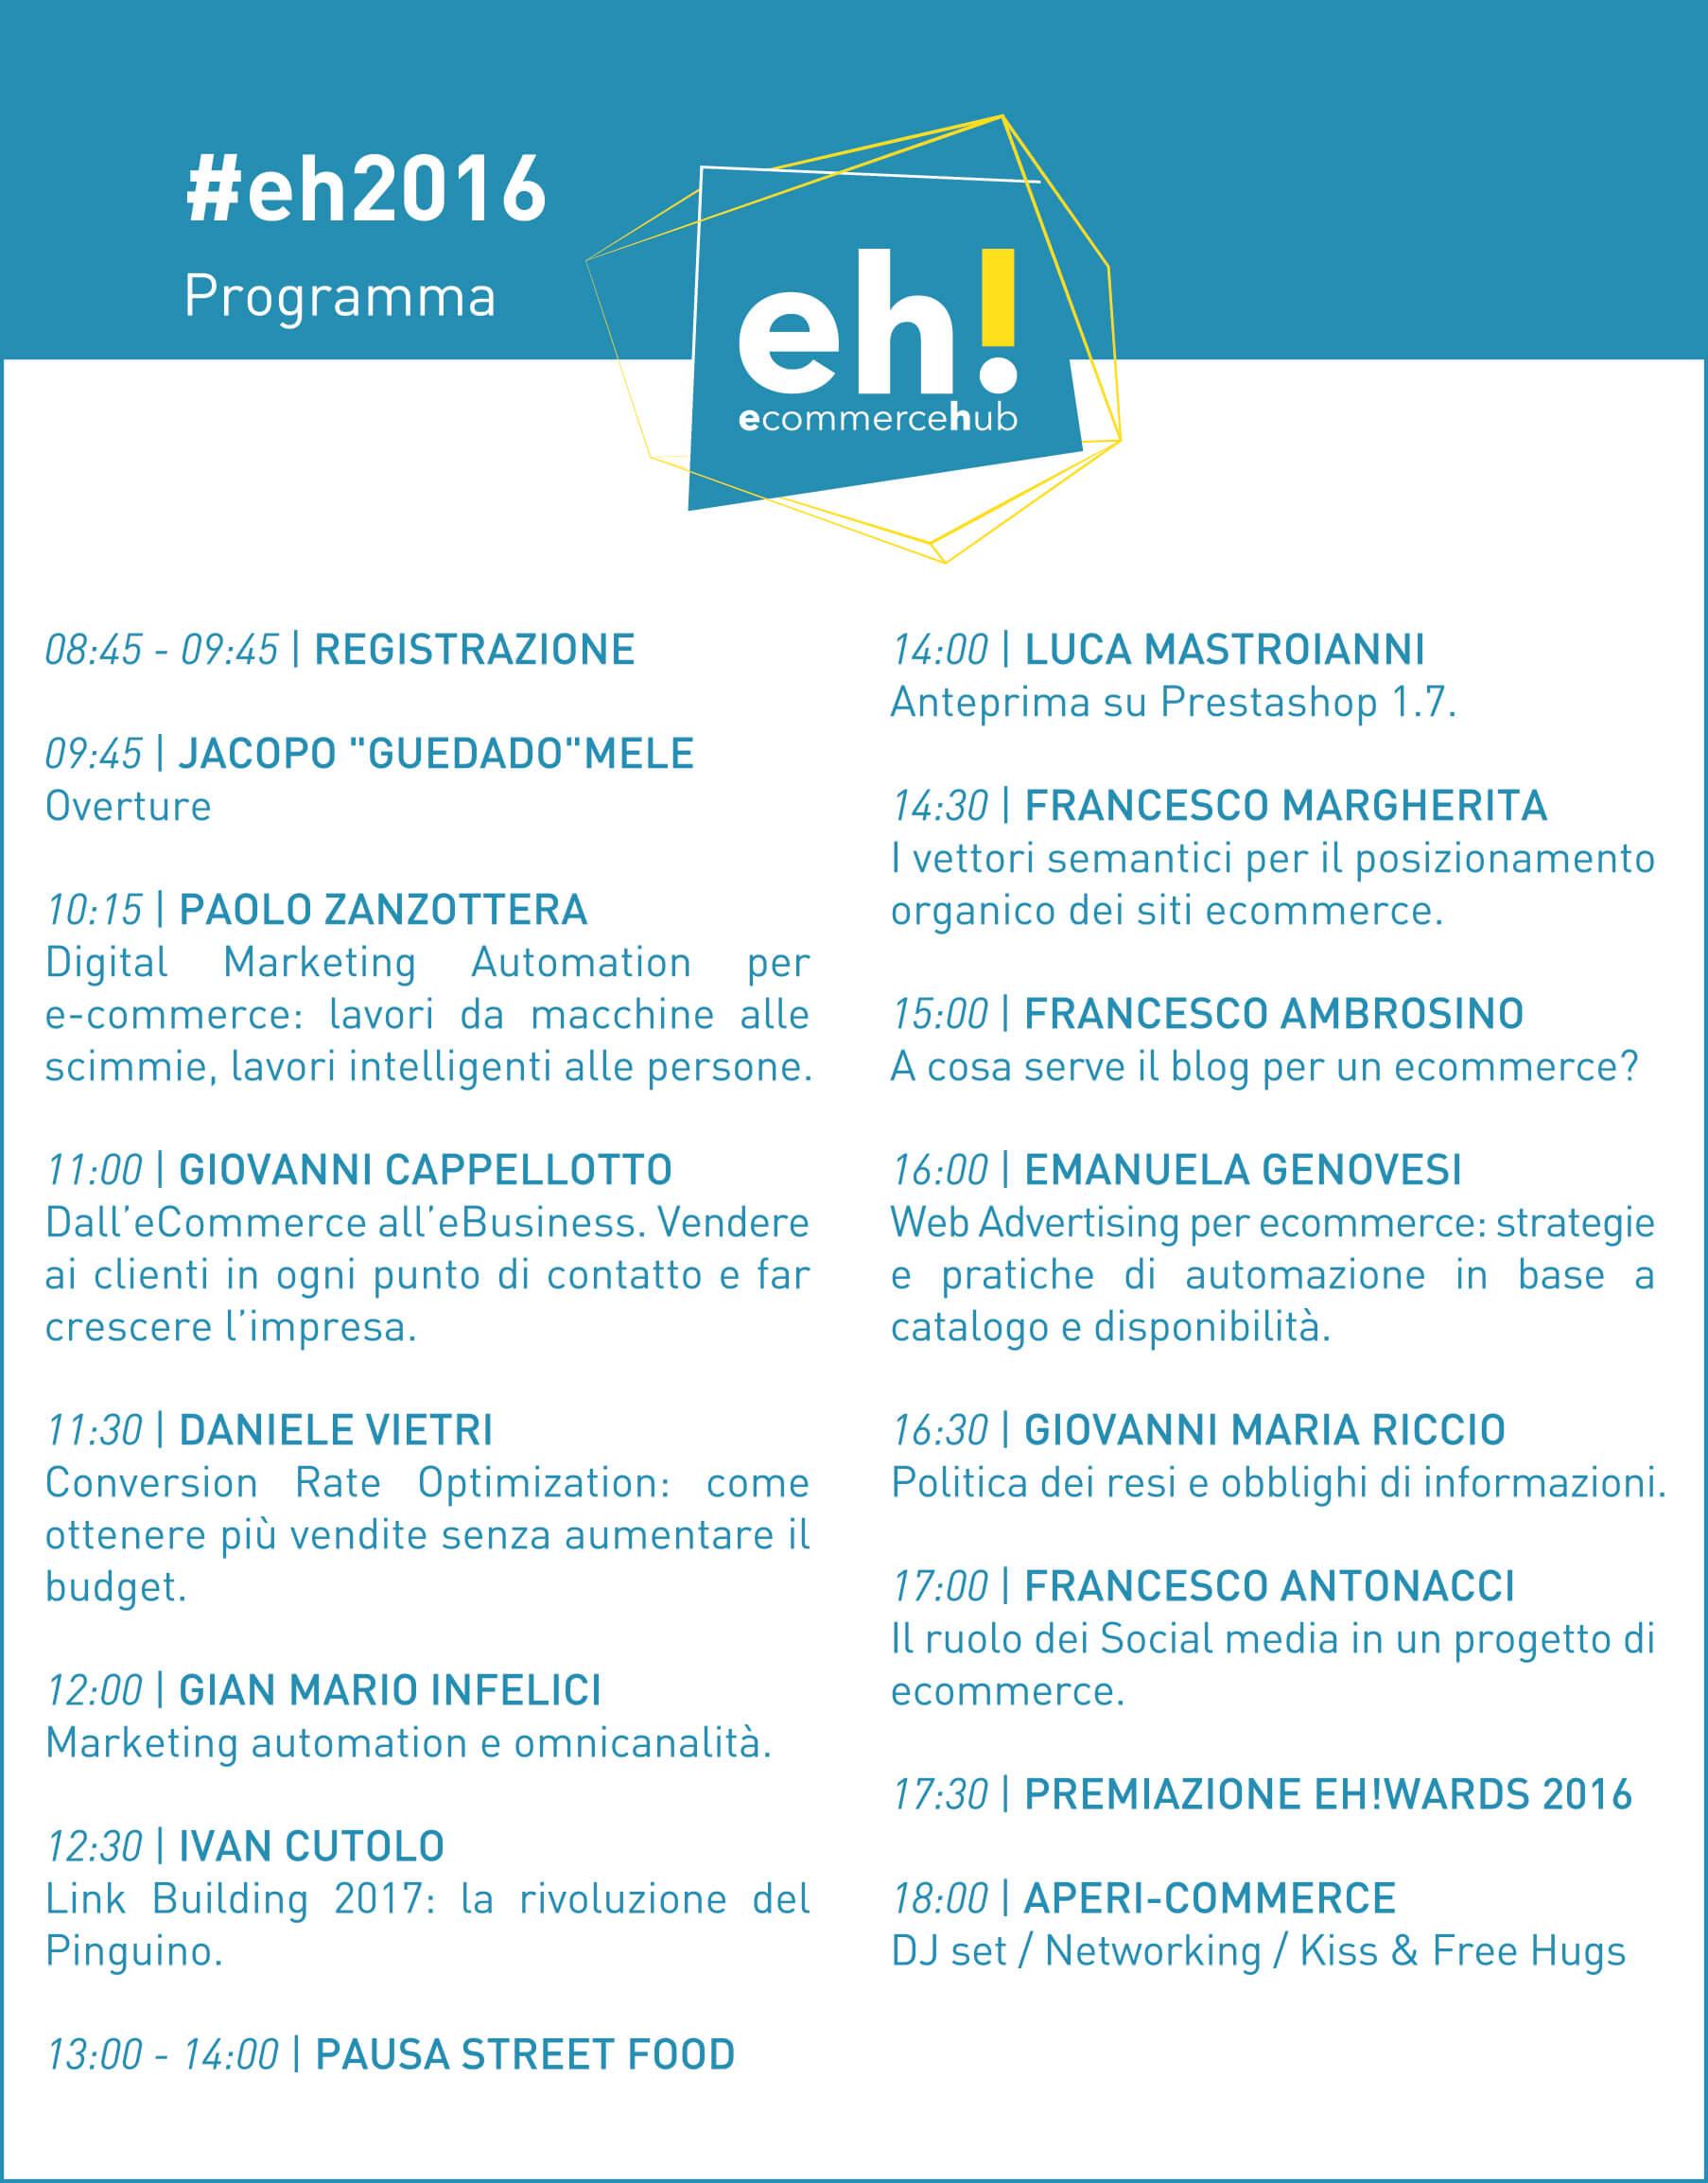 Ecommerce HUB 2016: il programma